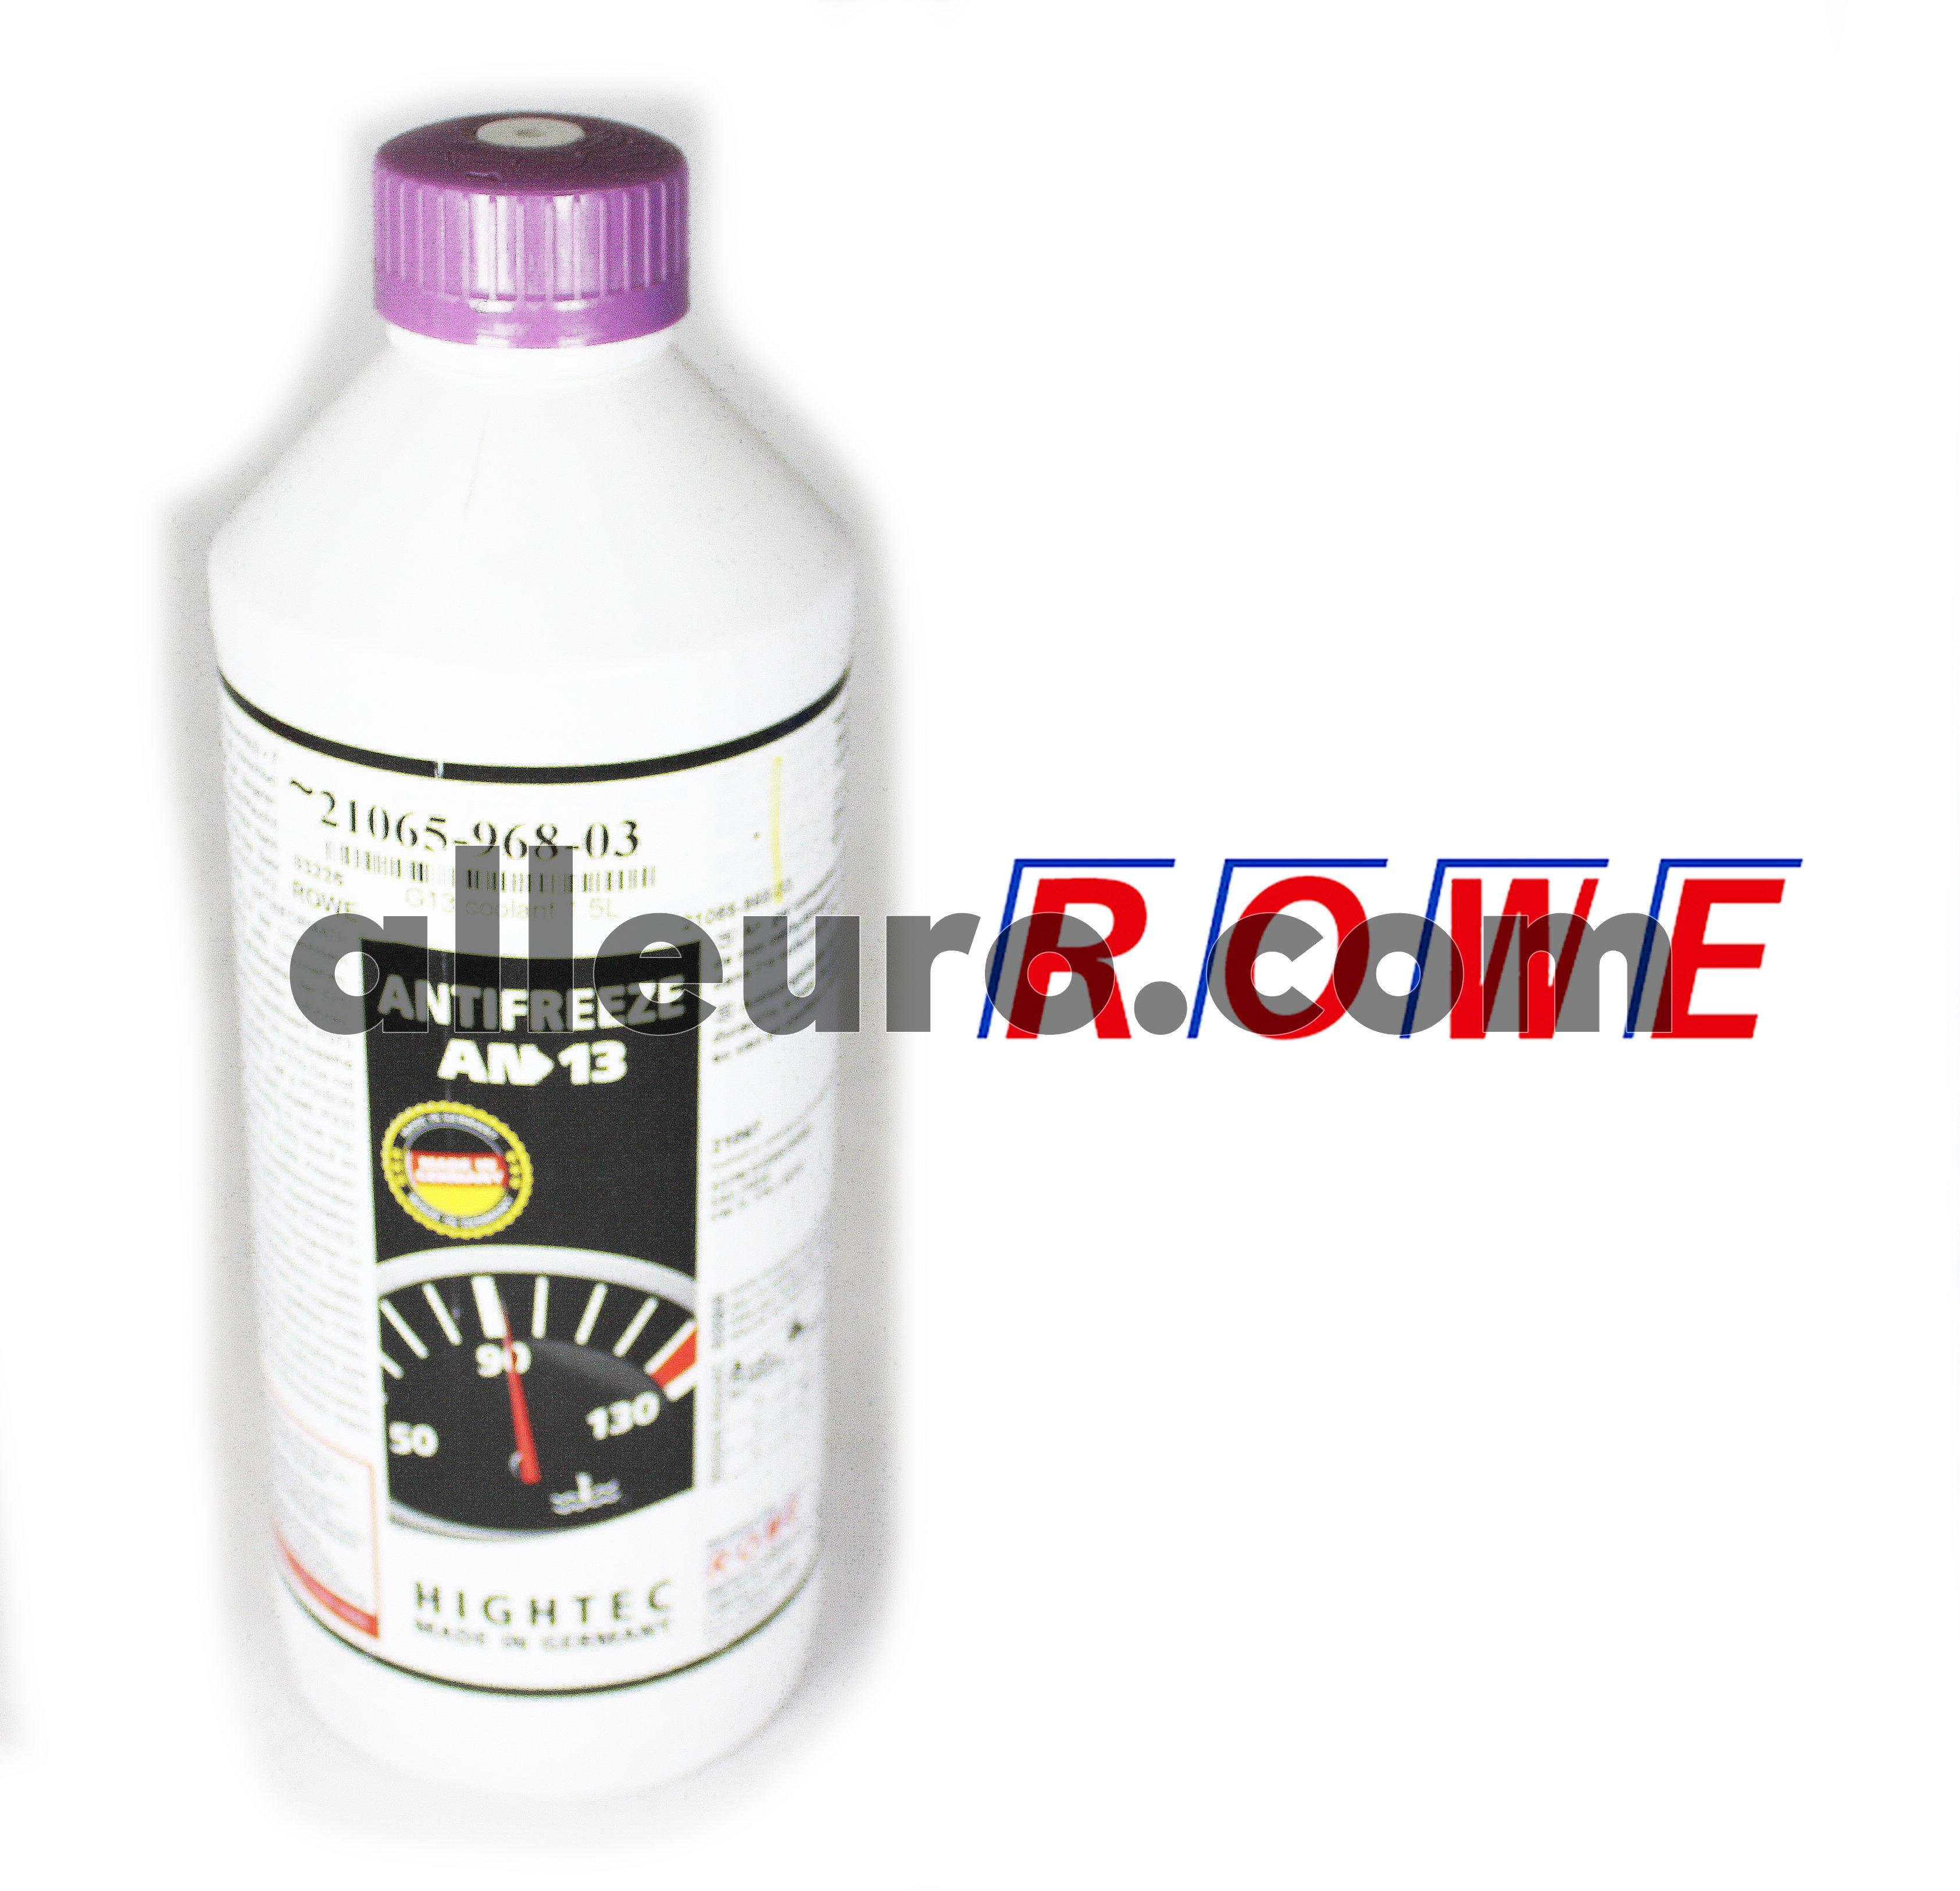 ROWE Engine Coolant / Antifreeze 21065-968-03 - G13 coolant 1.5L